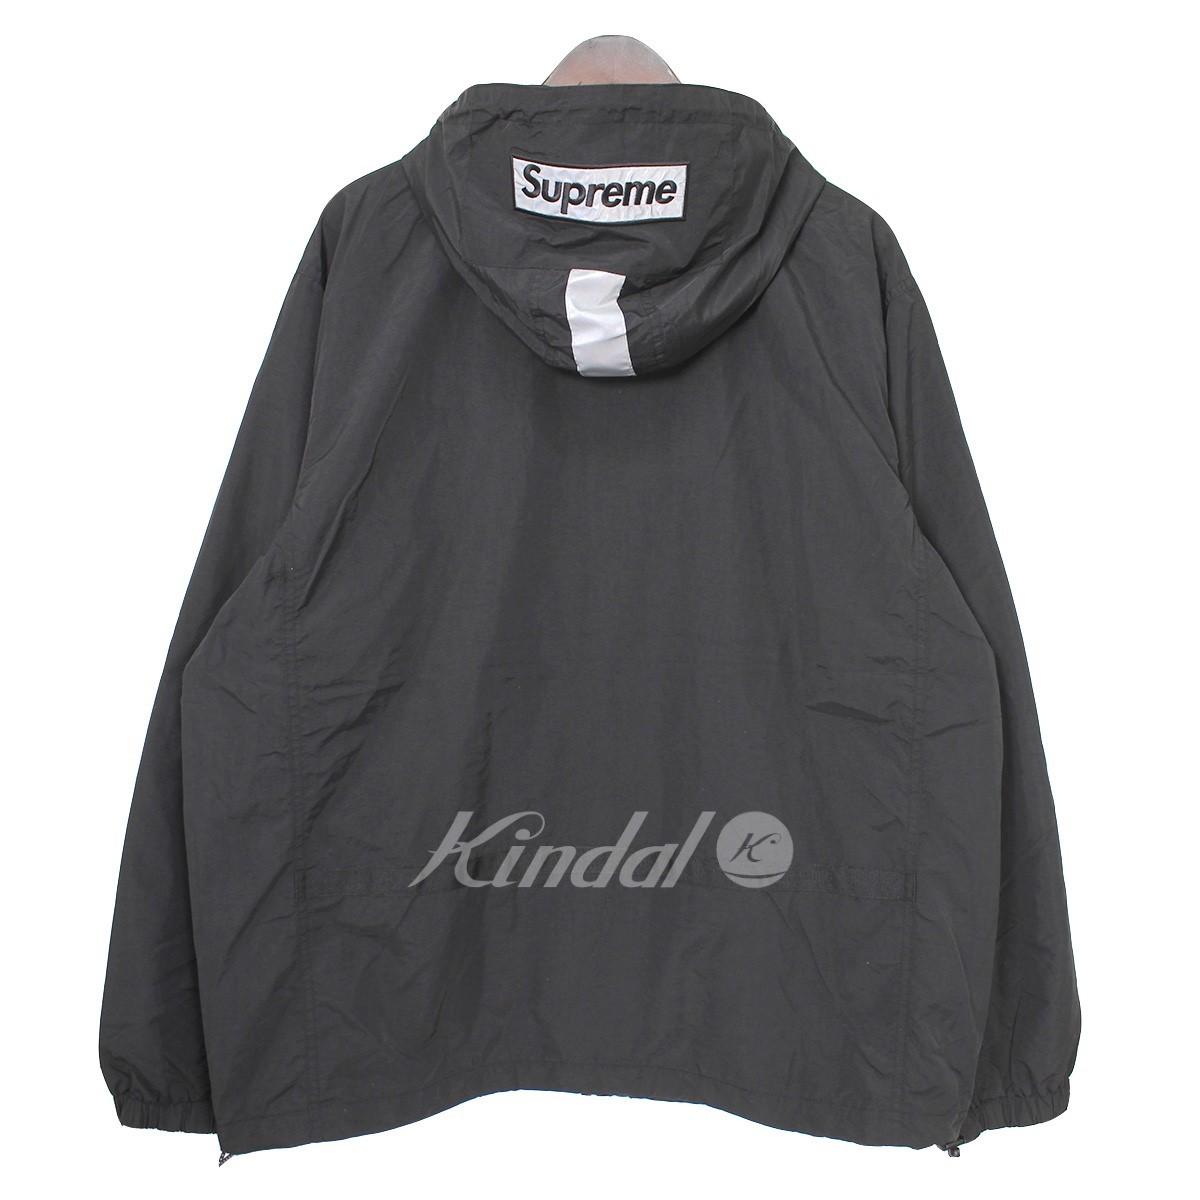 【中古】SUPREME 18AW 2-Tone Zip Up Jacket バックロゴジャケット 【送料無料】 【007695】 【KIND1550】